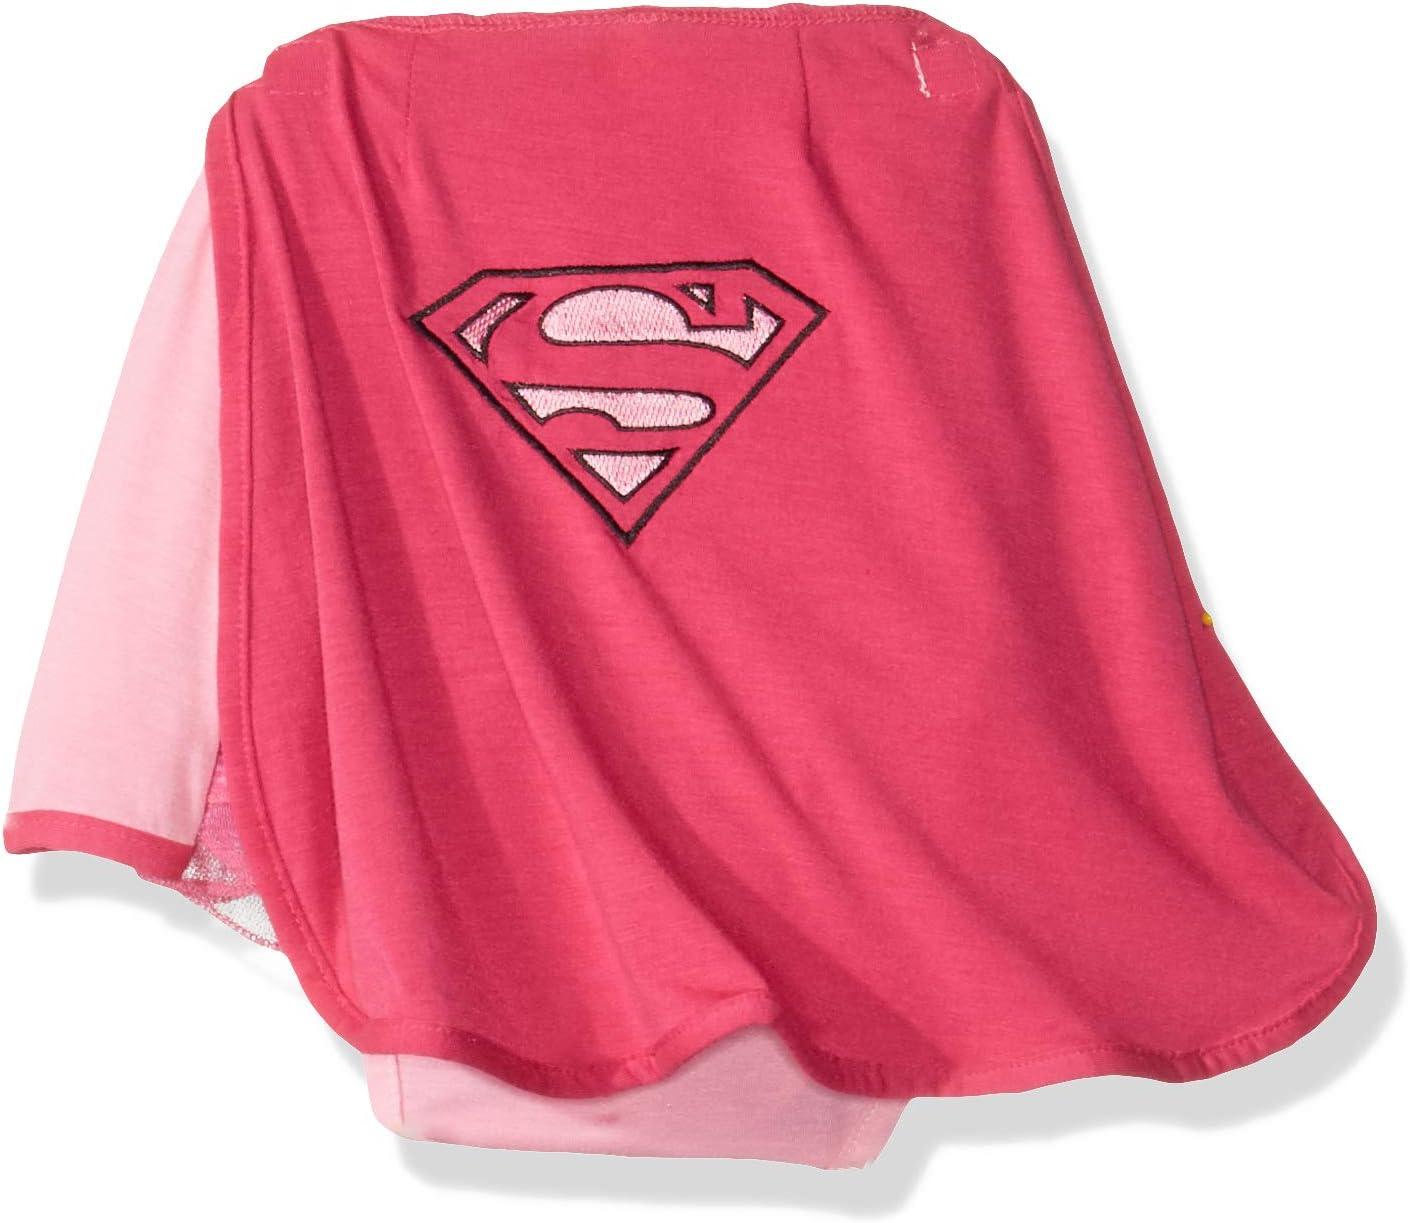 Mujer DC Comics S Logo Supergirl De Manga Larga Top /& Pantalones Pijamas Tallas 6 to12